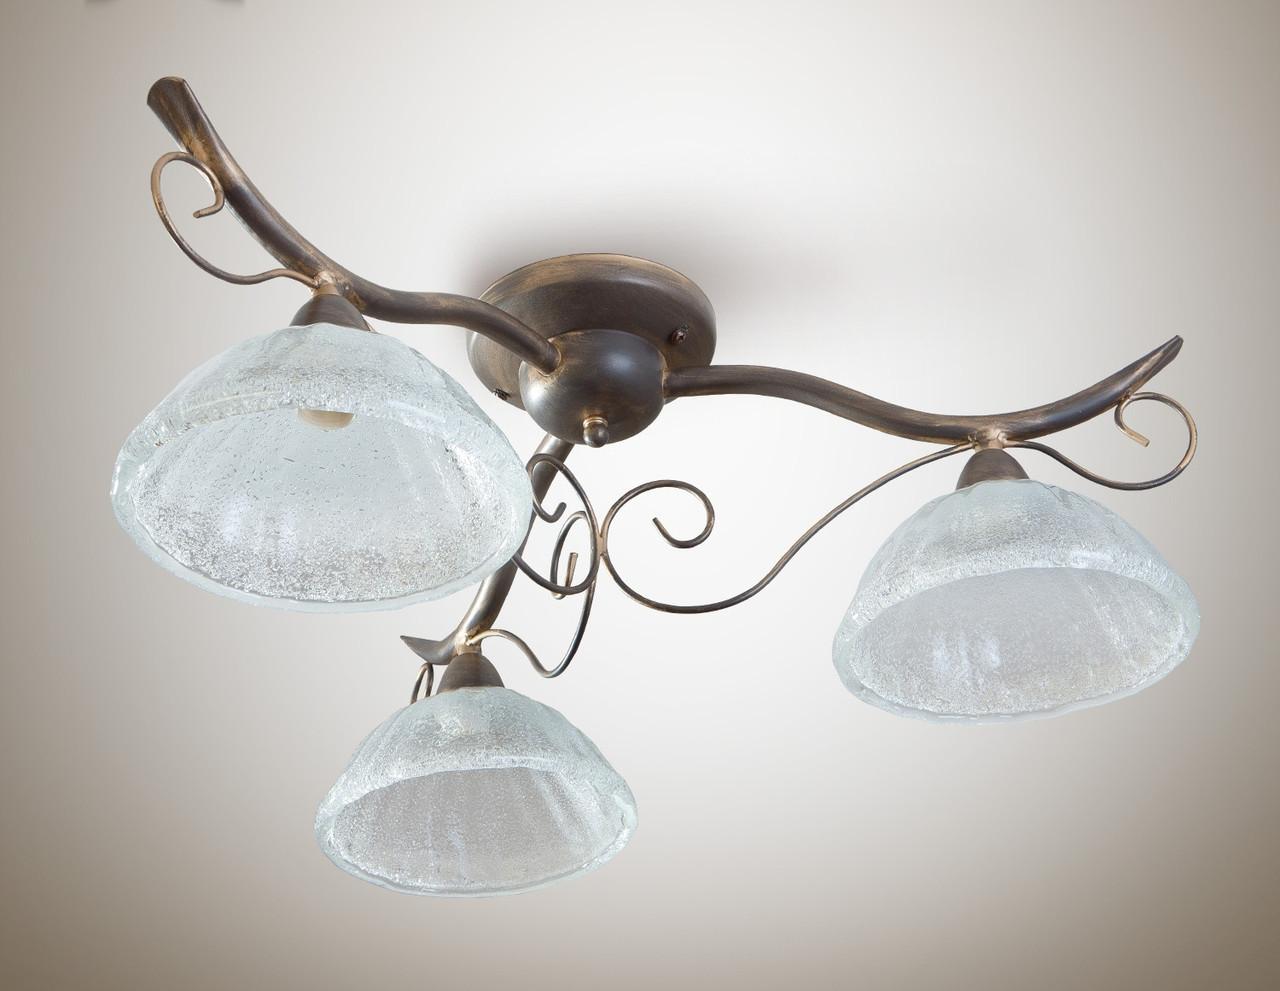 Люстра кованная классическая для спальни, кухни, небольшой комнаты, 3-х ламповая 16503